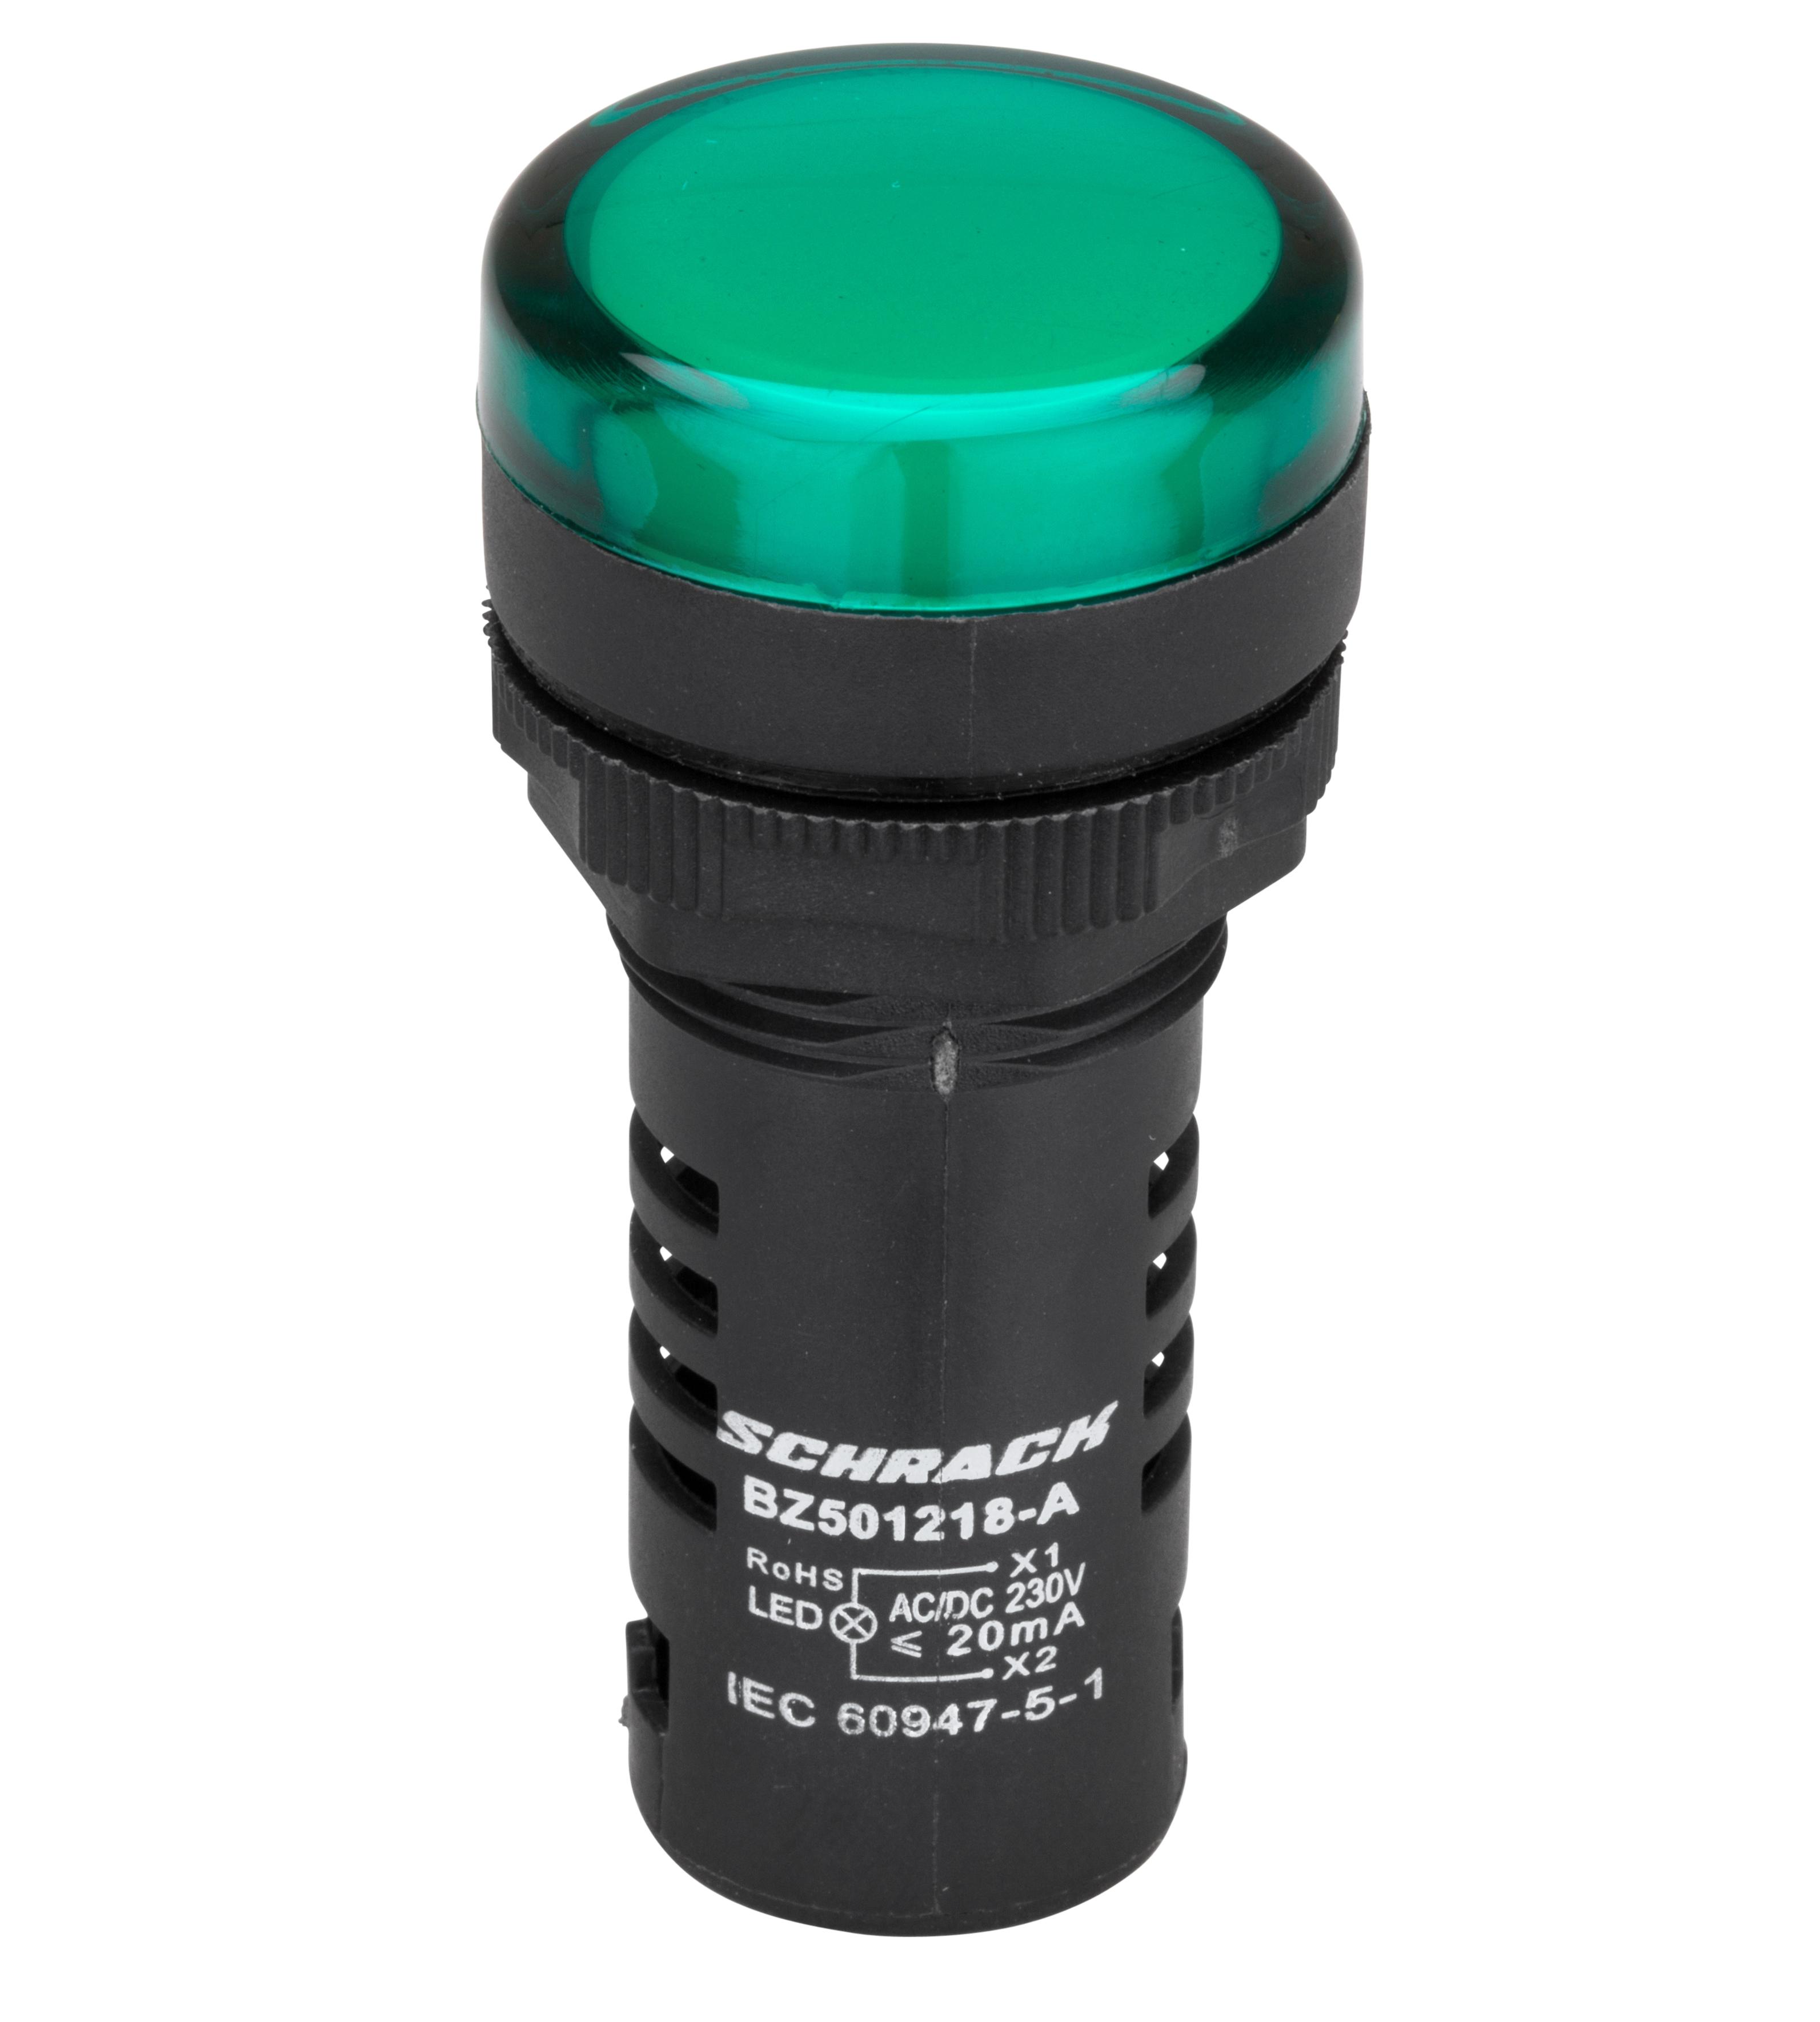 1 Stk LED-Leuchtmelder Monoblock  230 V - AC/DC grün BZ501218-B